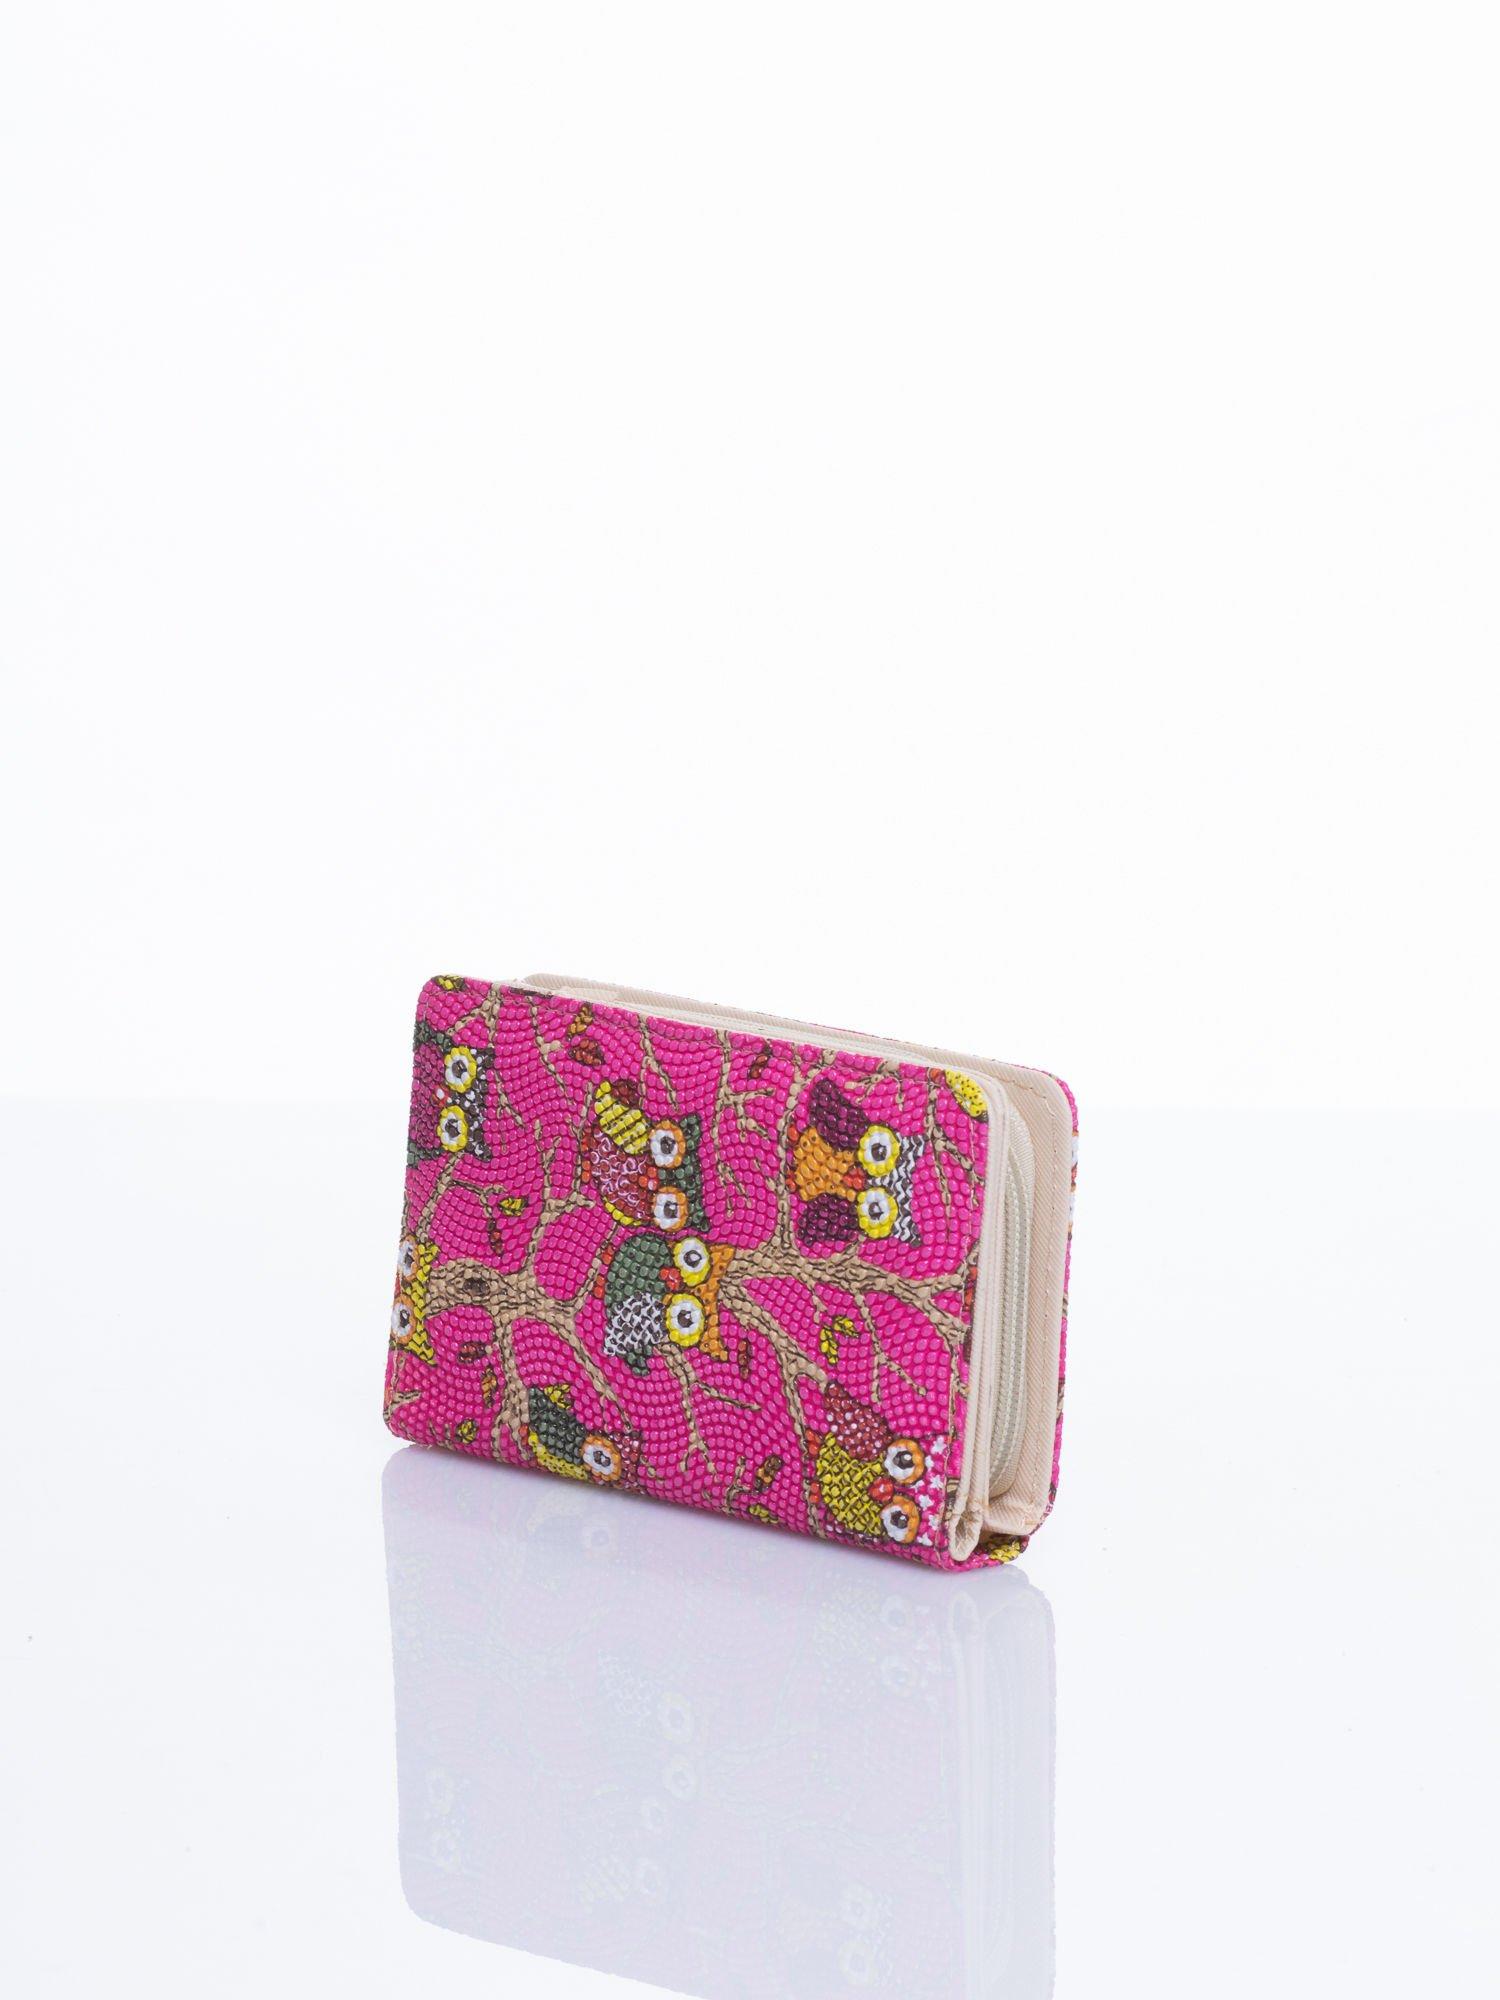 Różowy mini portfel w sówki                                  zdj.                                  2